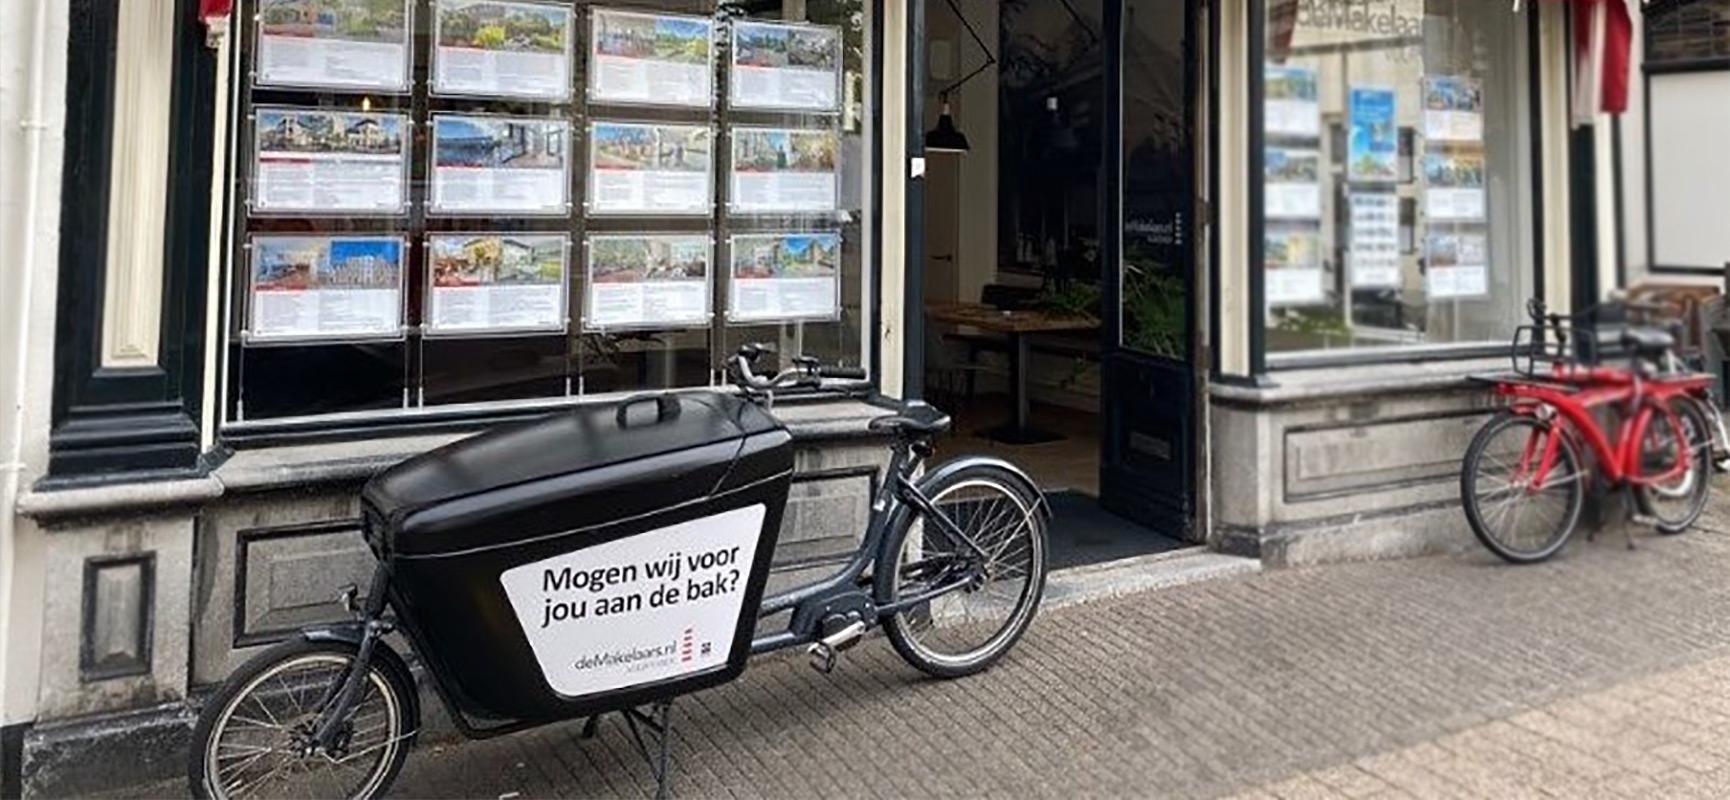 Vuurtoren | deMakelaars.nl en hun Babboe Pro bakfiets